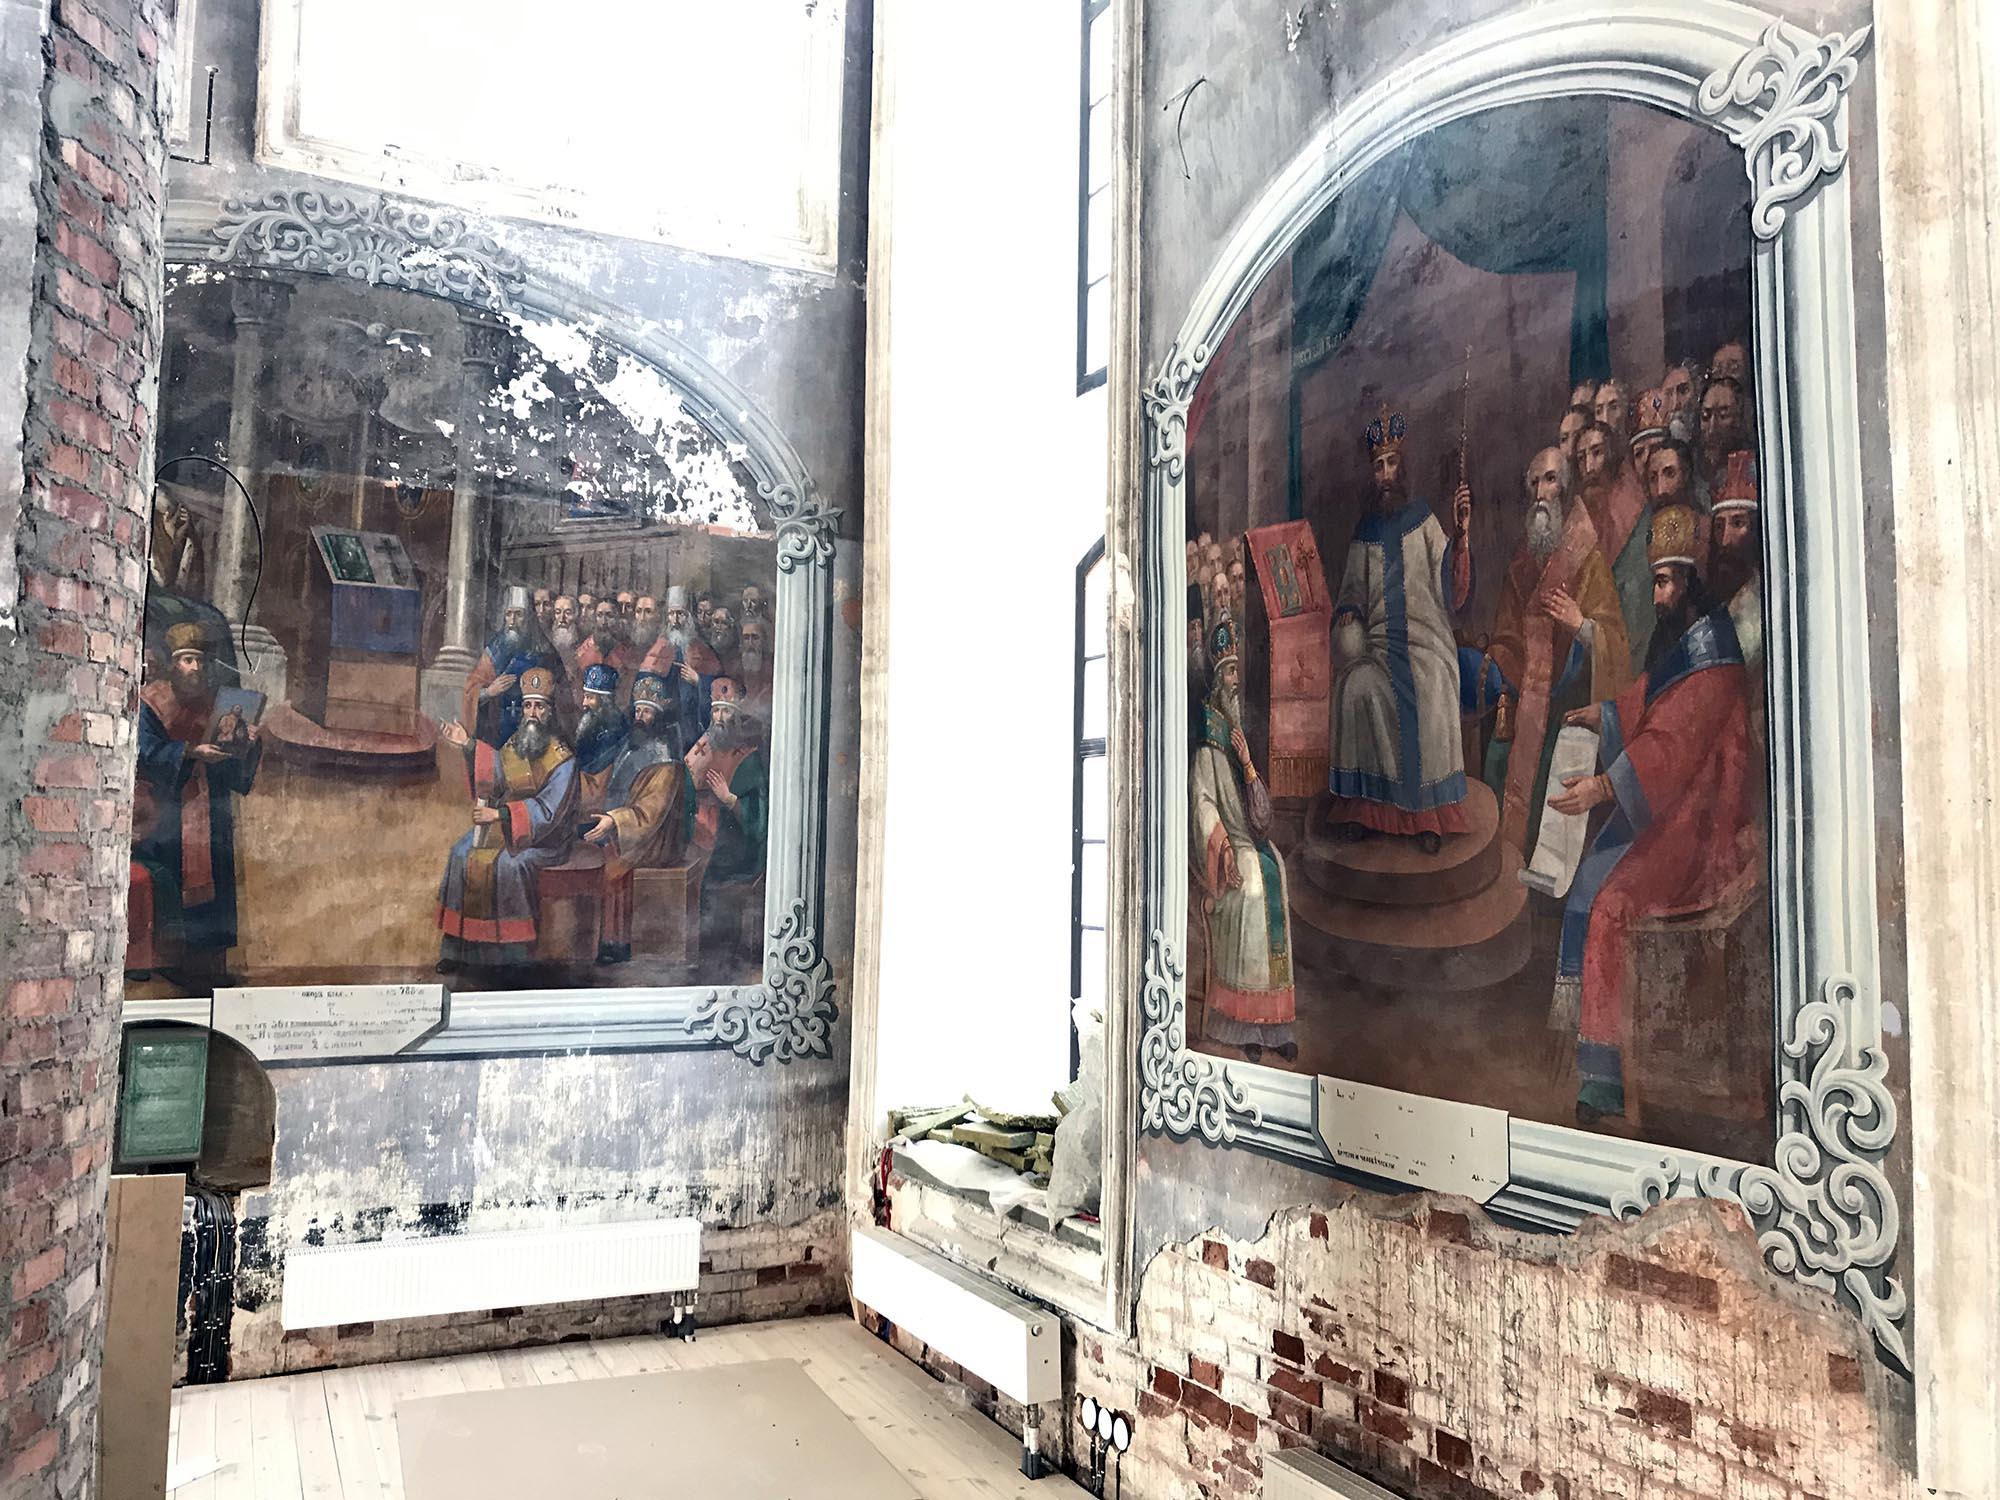 В главном соборе арзамасского мужского монастыря продолжаются реставрационные работы